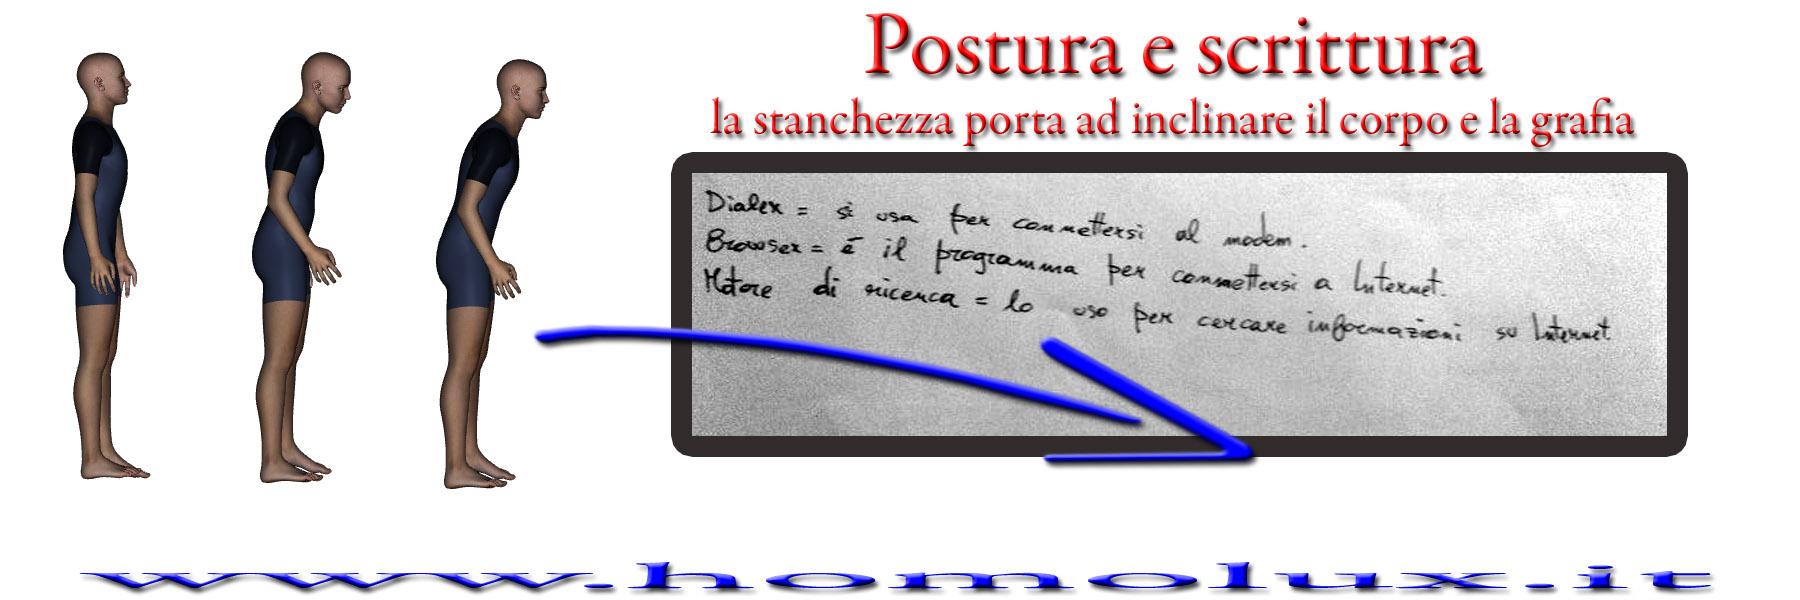 postura e scrittura